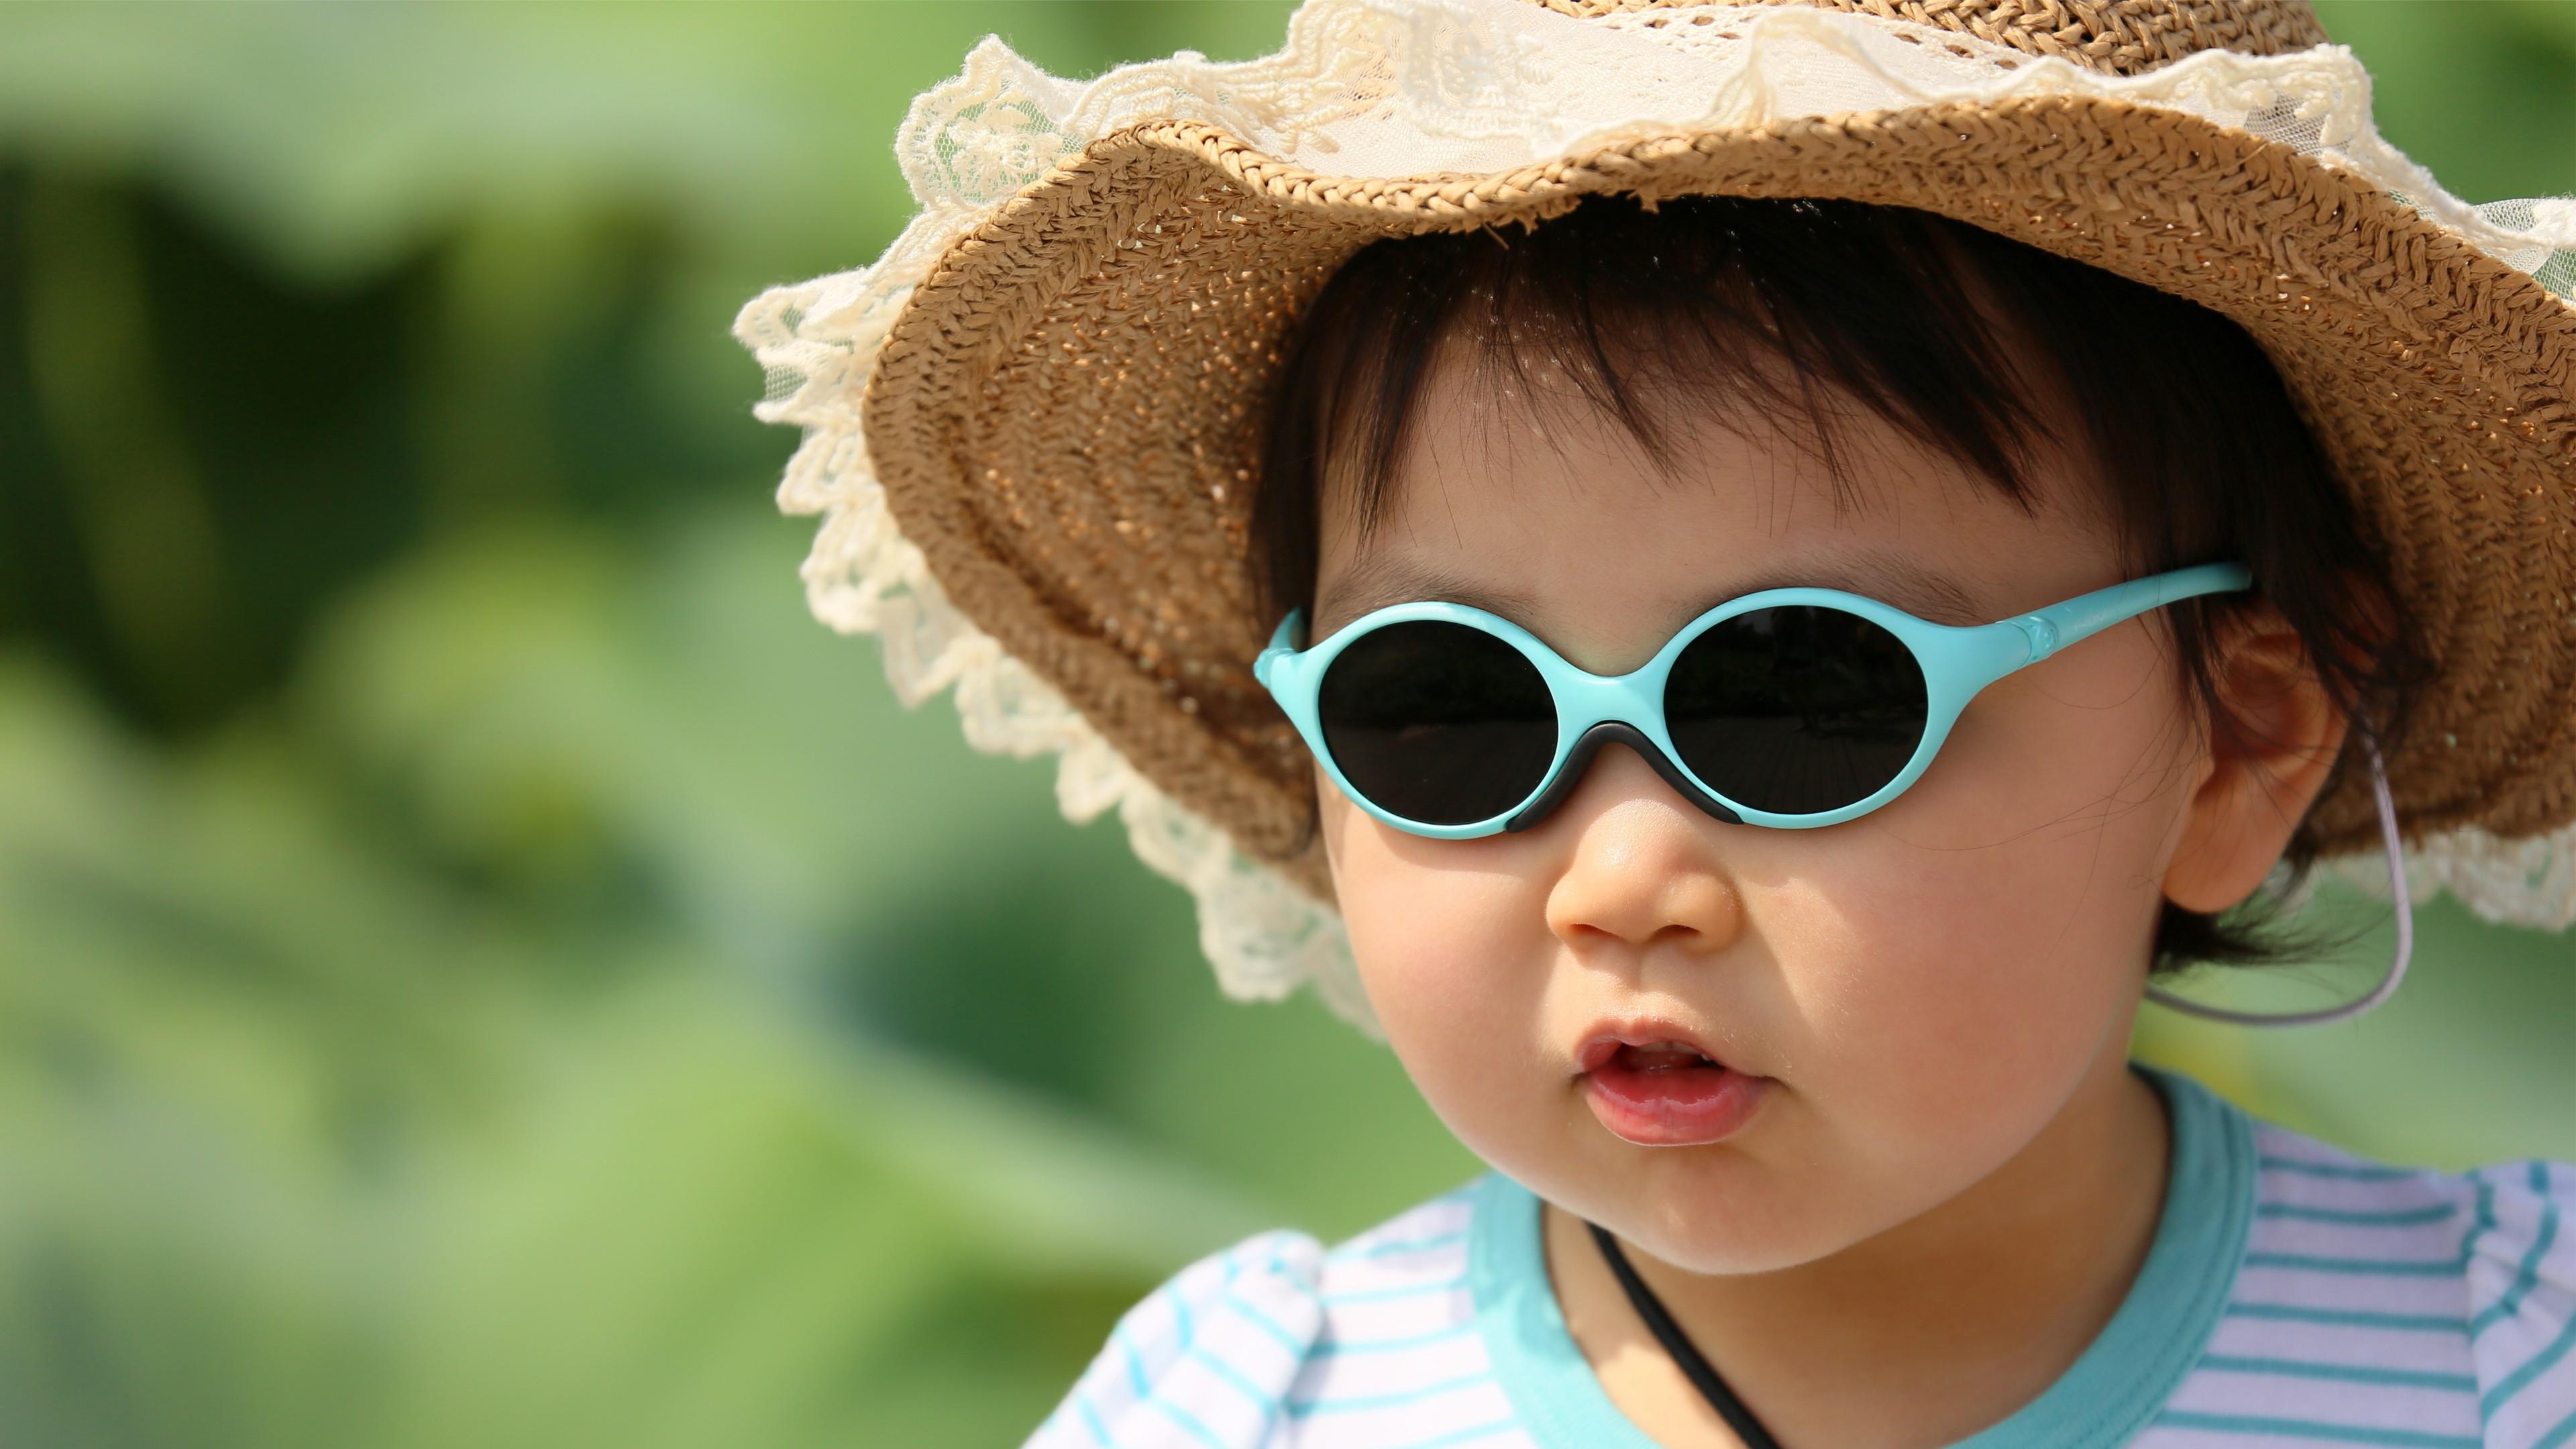 2160x3840 cute asian baby sony xperia x,xz,z5 premium hd 4k